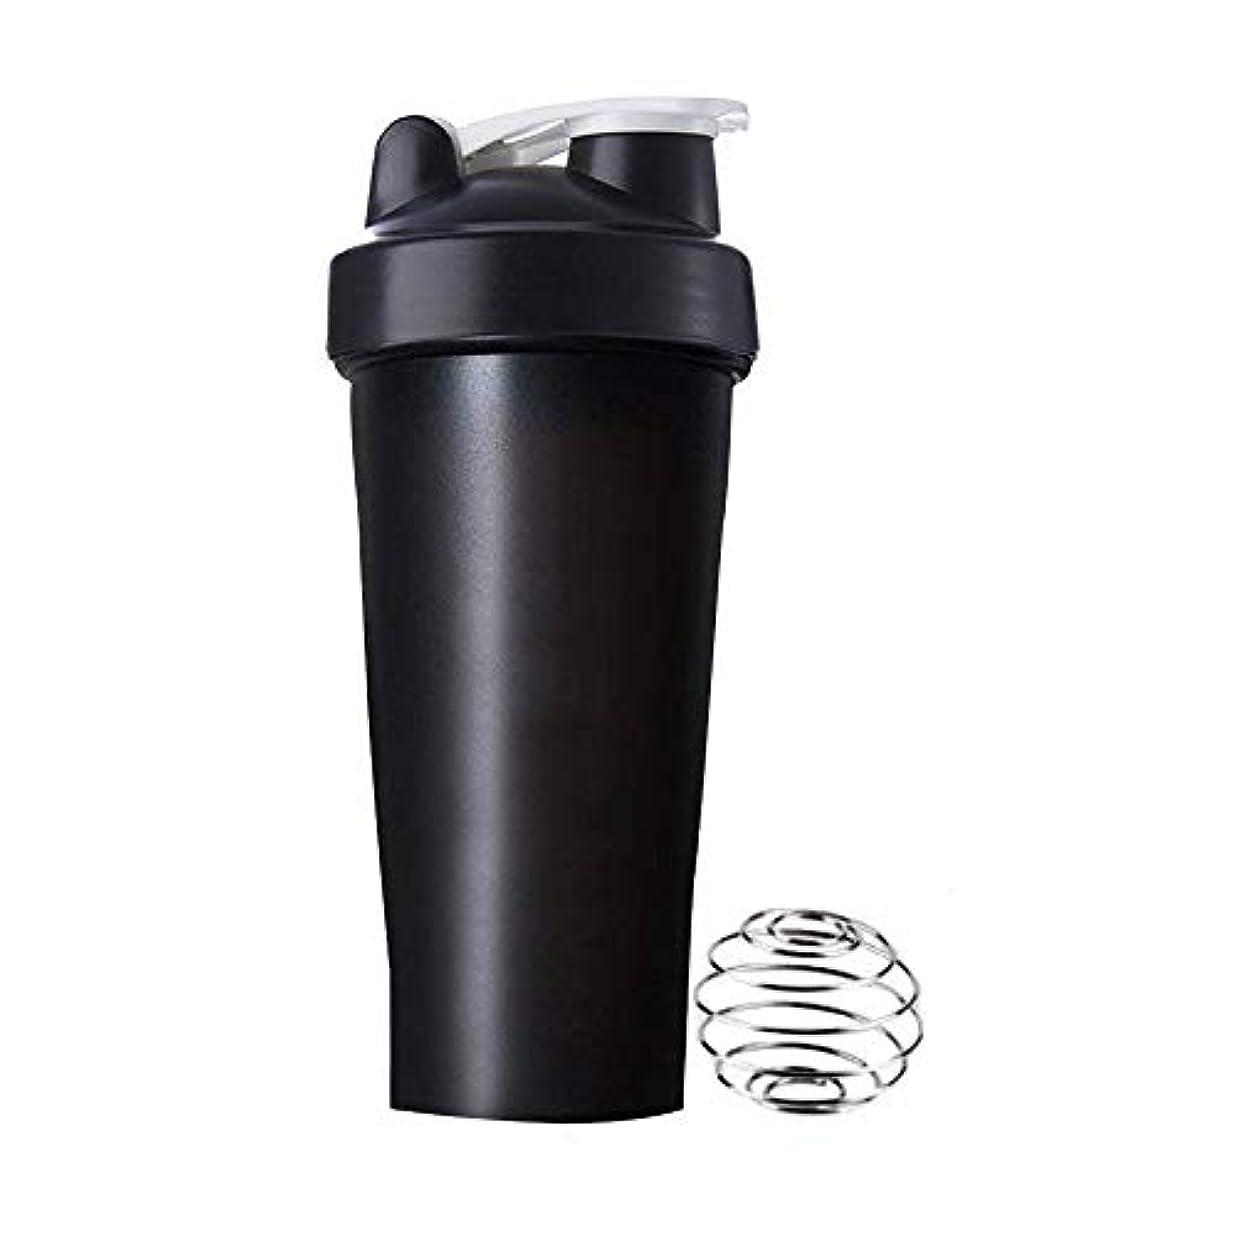 Aomgsd プロテインシェイカー 直飲み プラスチックウォーターボトル ジム シェーカーボトル 600ml